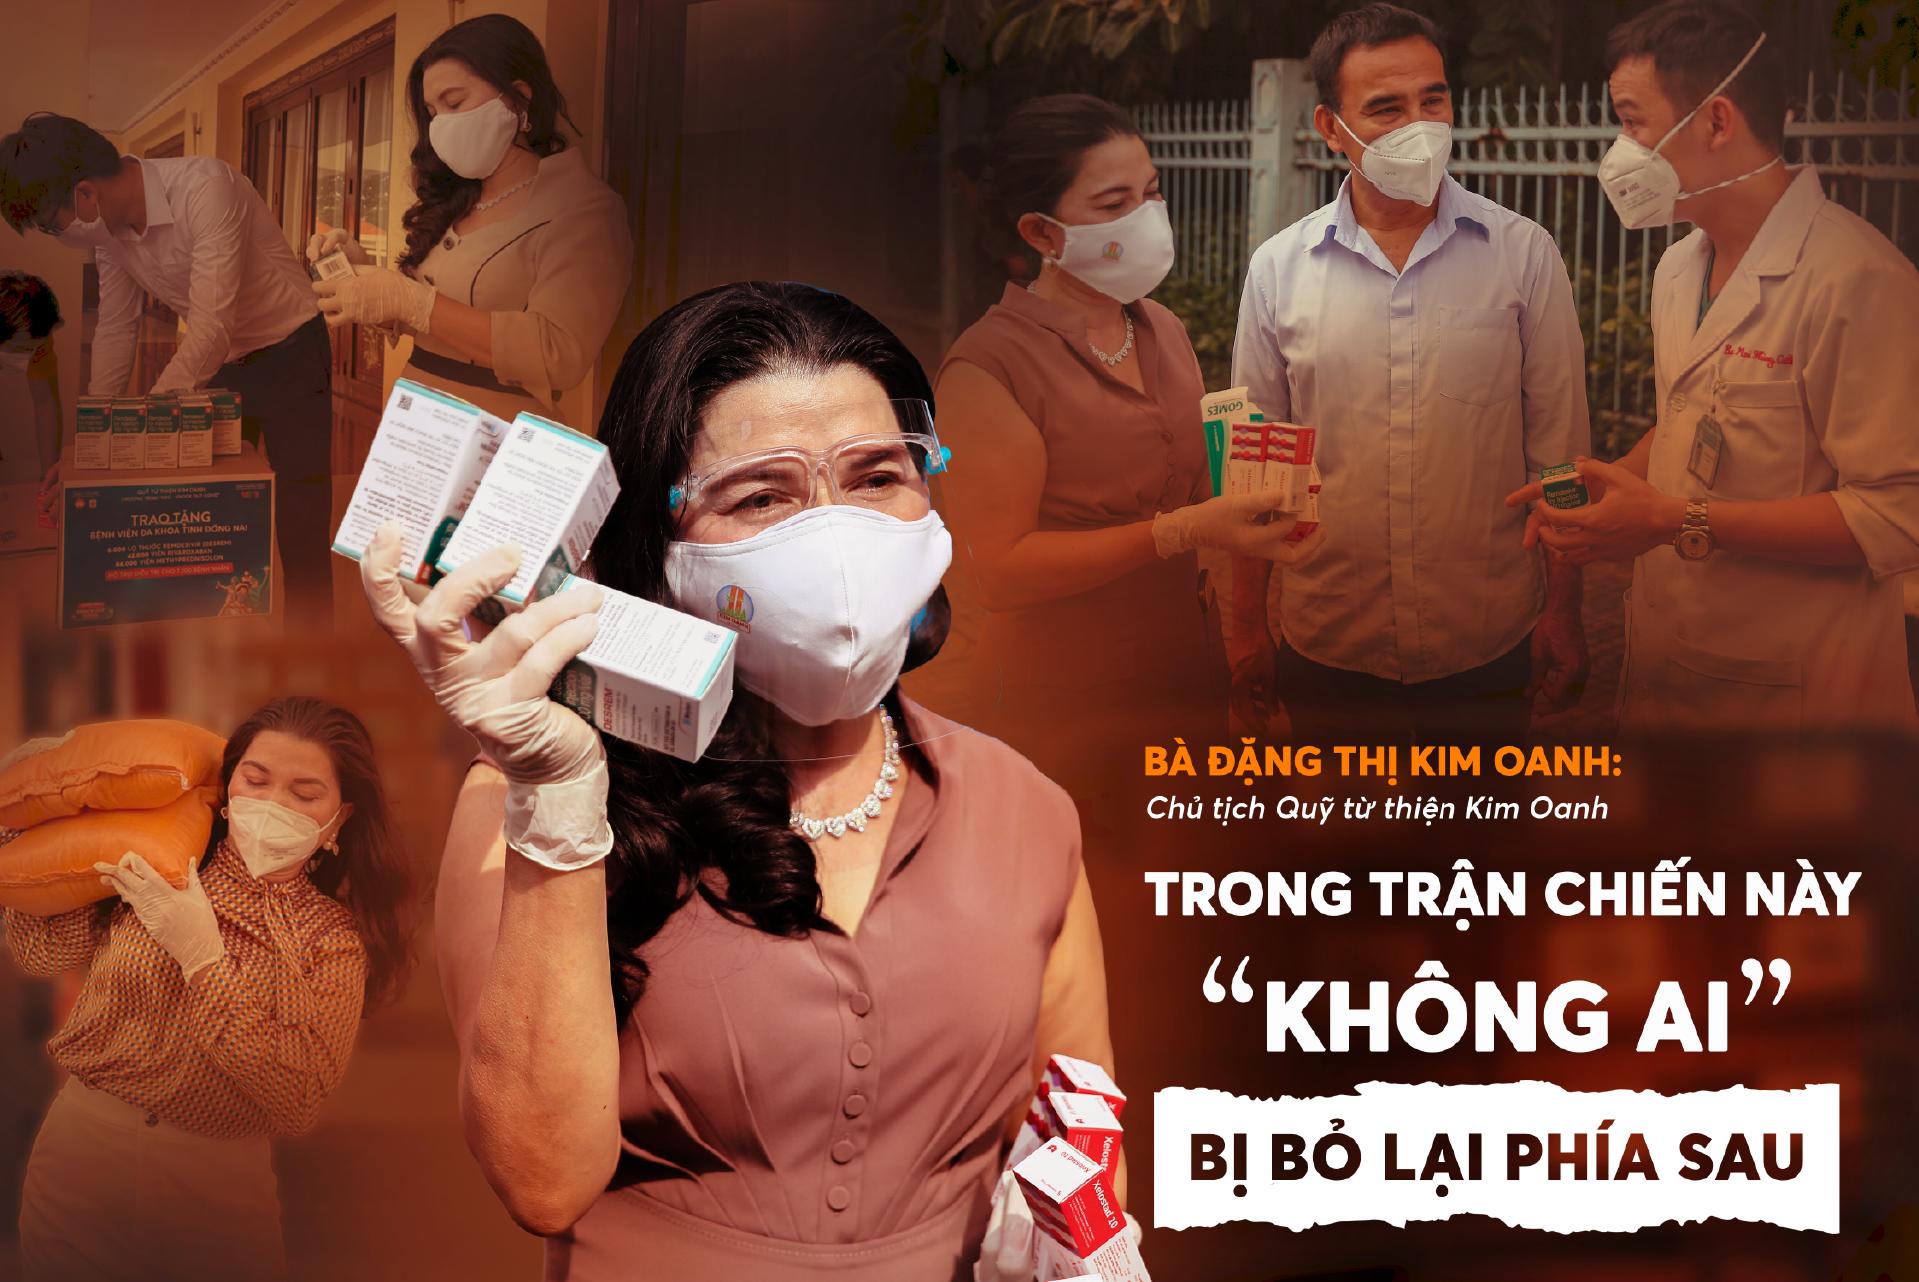 Quỹ từ thiện Kim Oanh trong cuộc chiến phòng, chống COVID-19